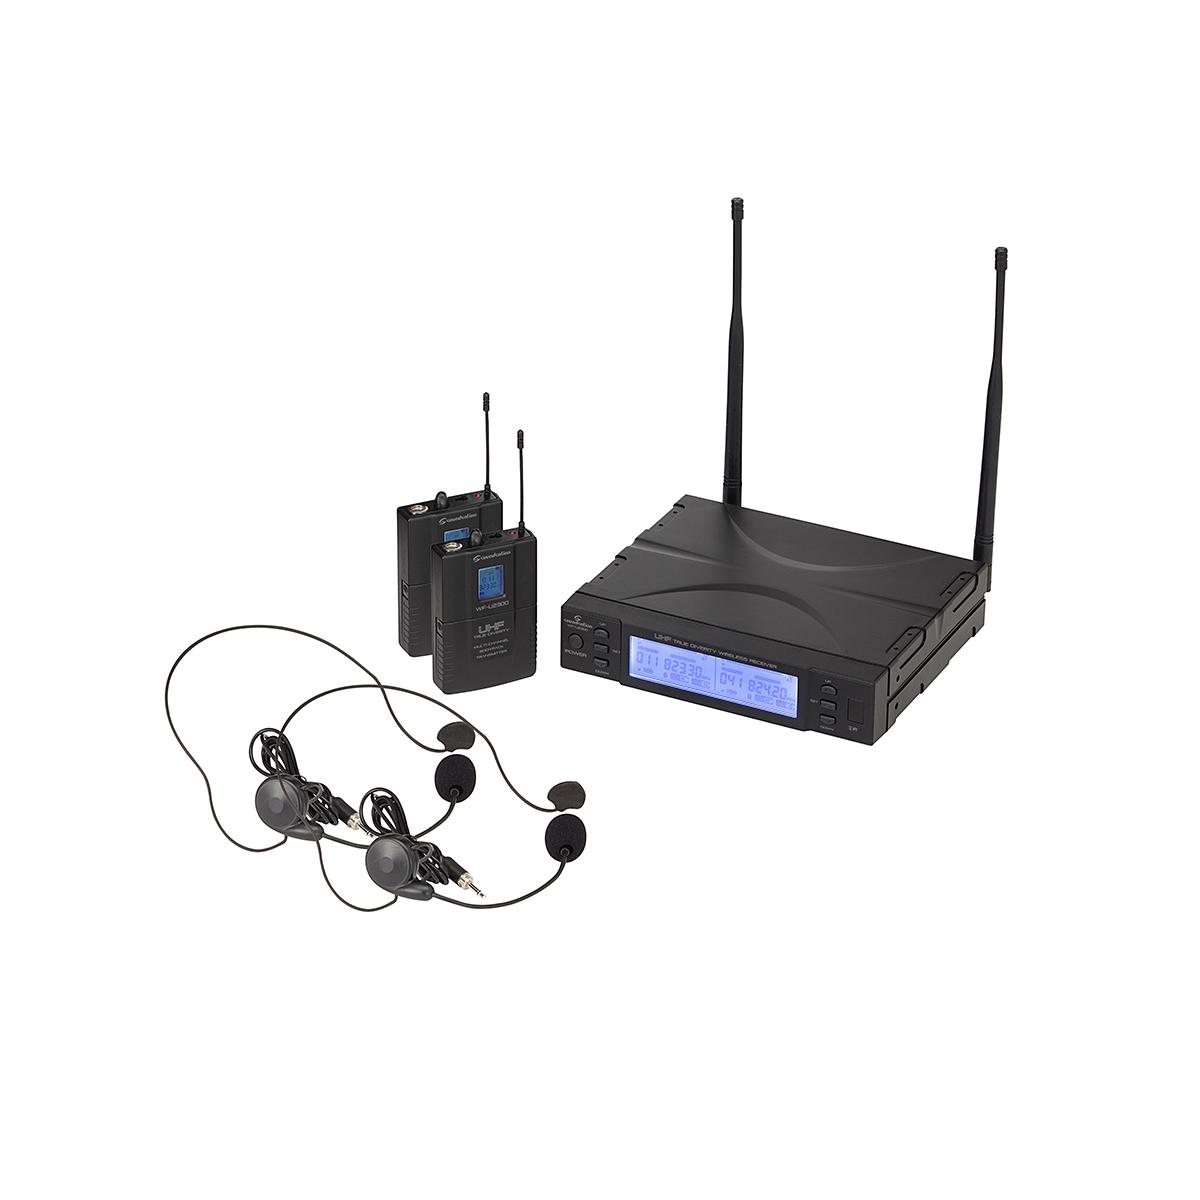 RADIOMIC. TRUE DIVERSITY UHF DOPPIO SOUNDSATION WF-U2300PP 2 TX TASC+HEADSET 823-832MHz